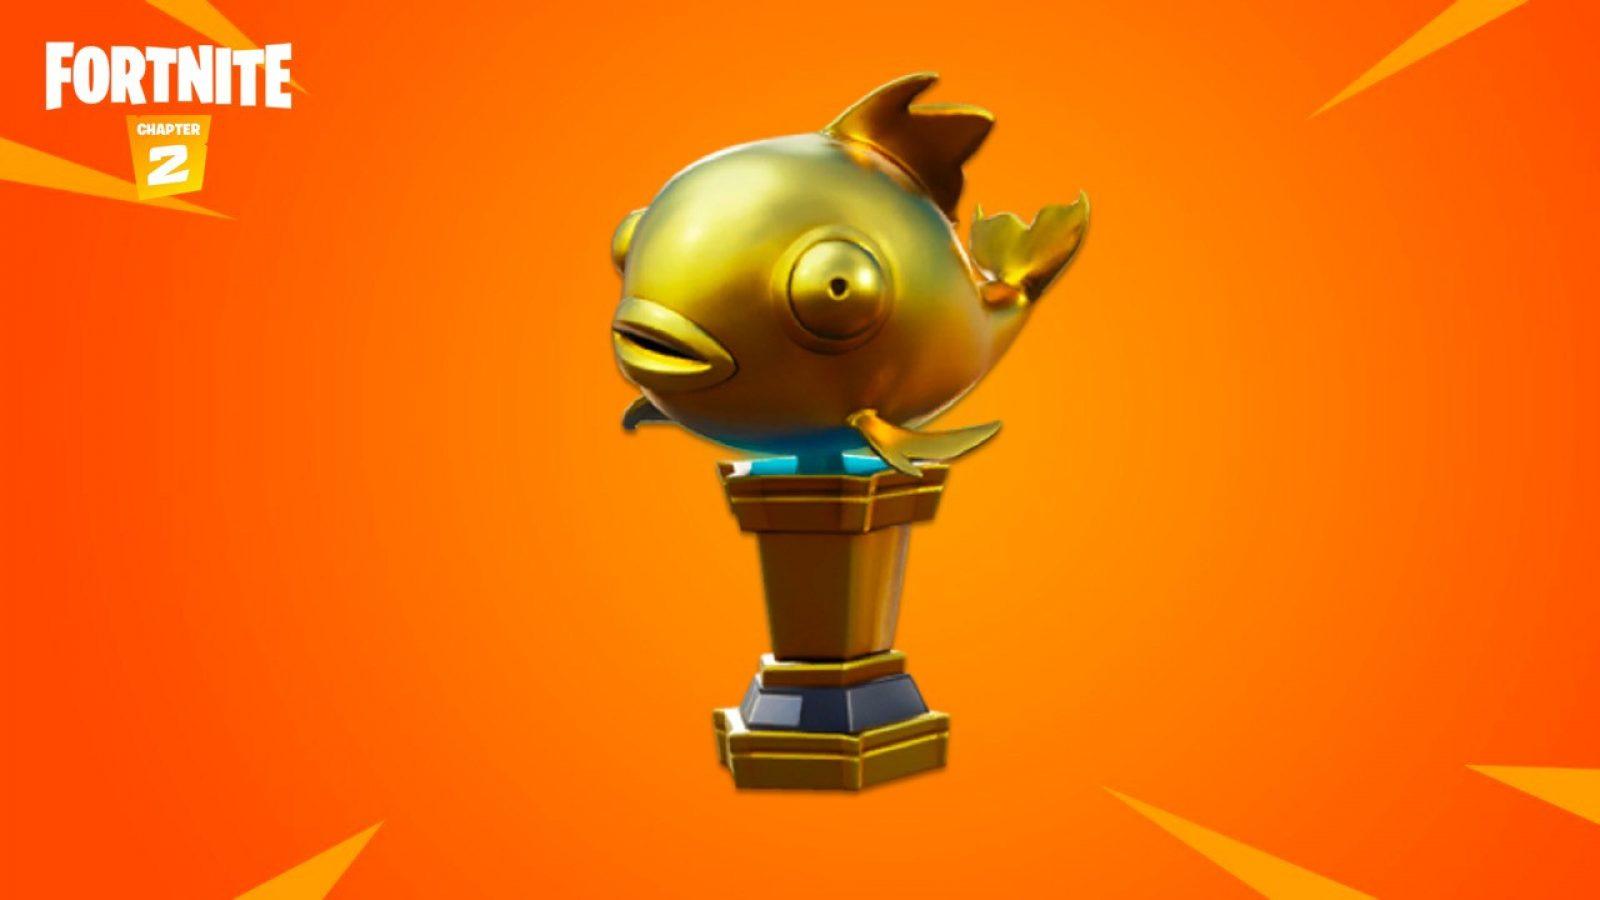 fortnite-mythic-goldfish